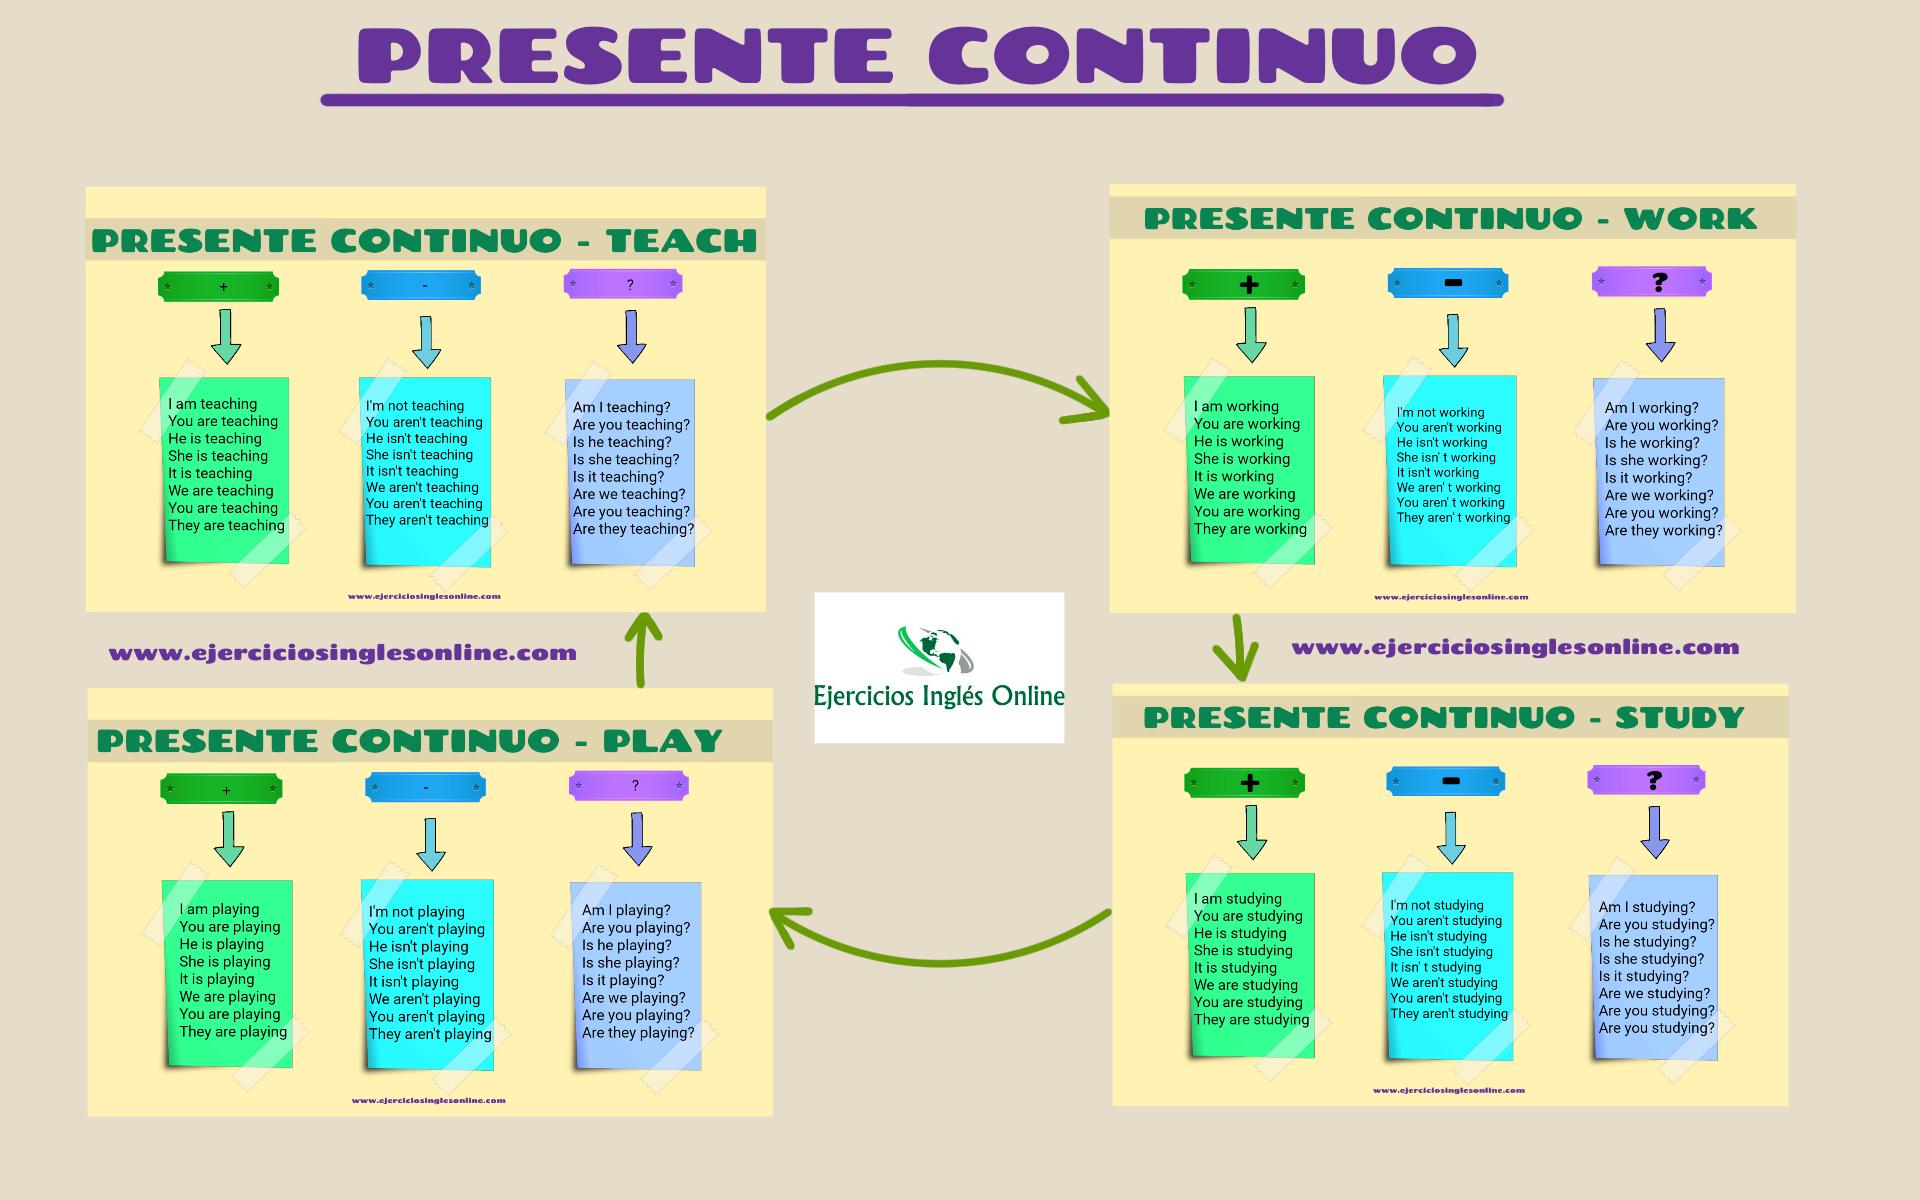 Presente continuo en inglés - Ejercicios inglés online